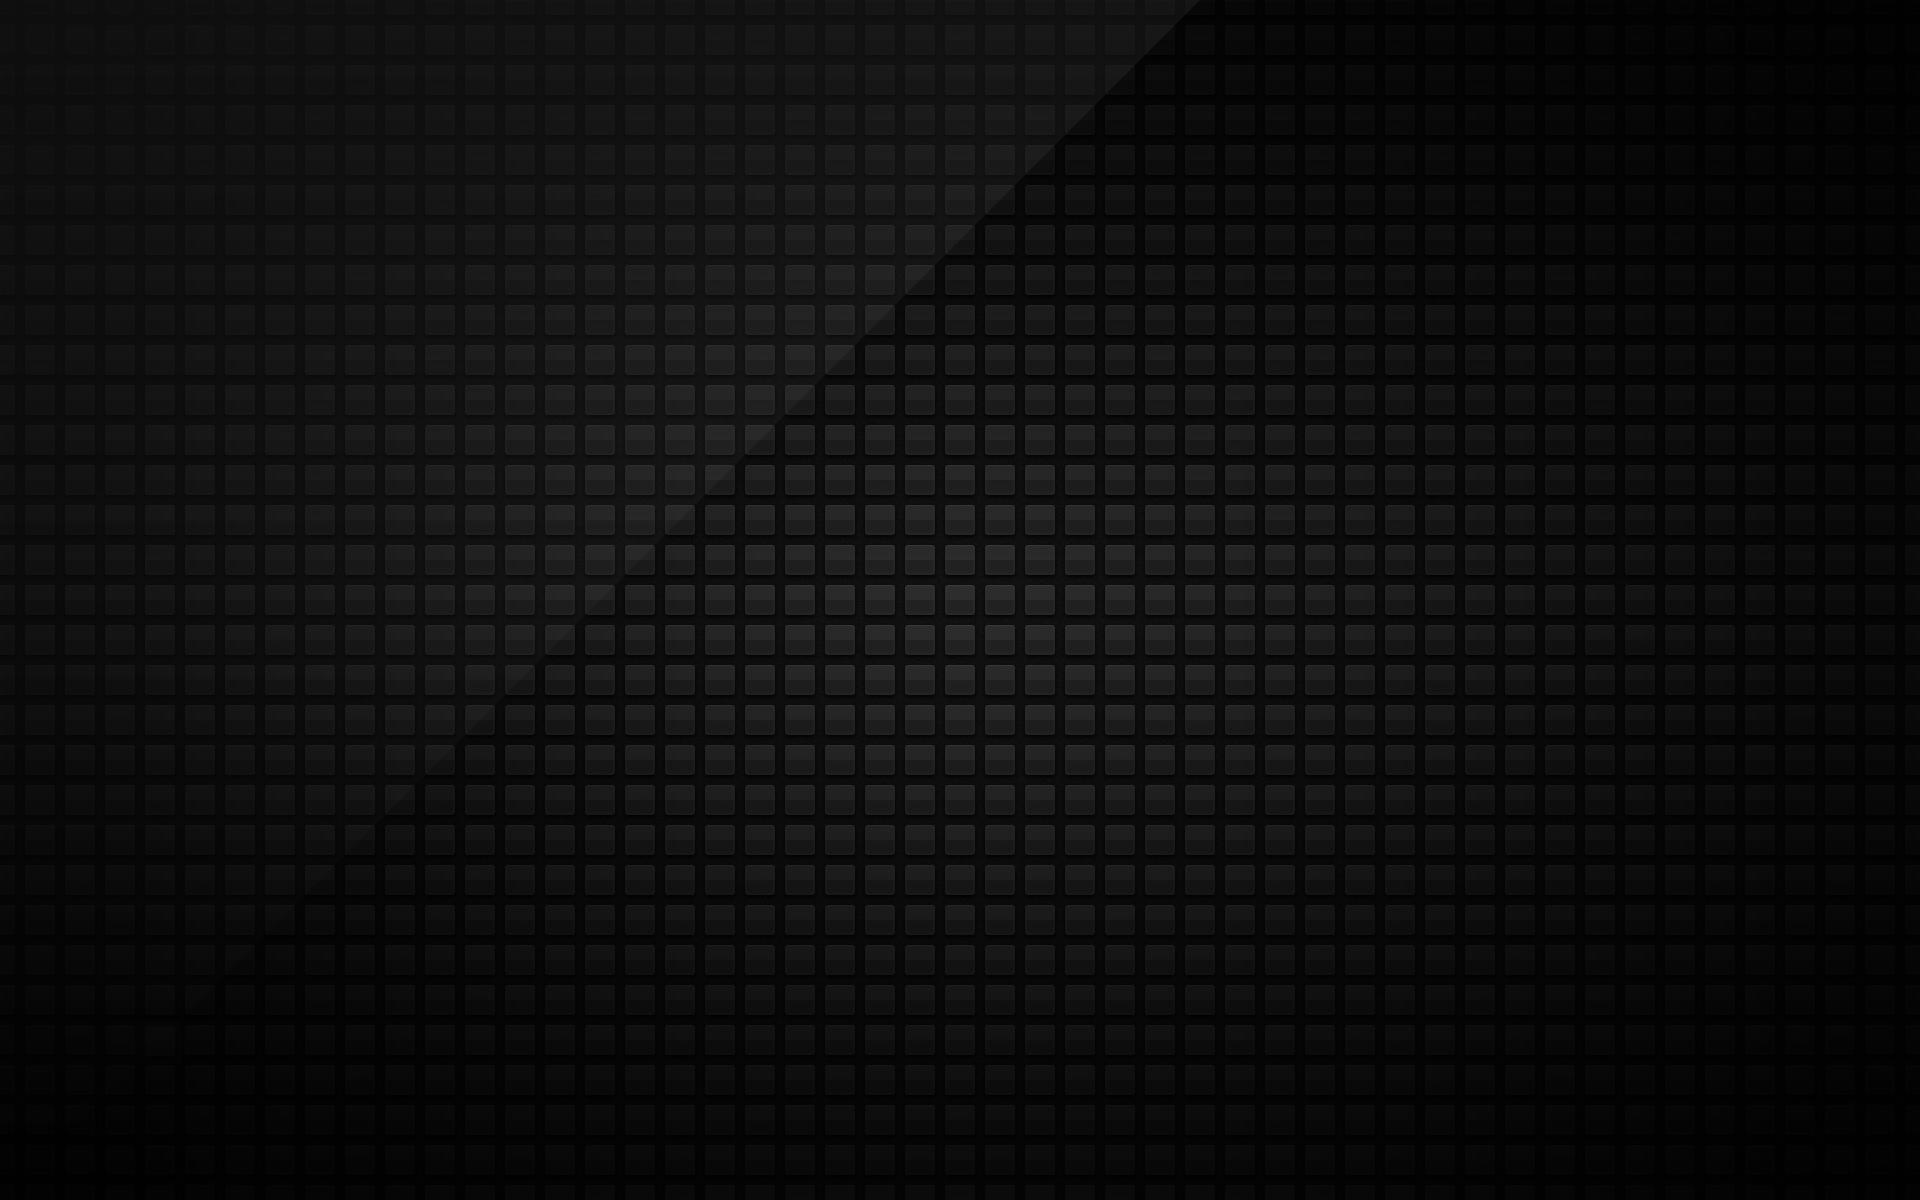 Картинки черный квадрат 1920 1080, марта юмористическая